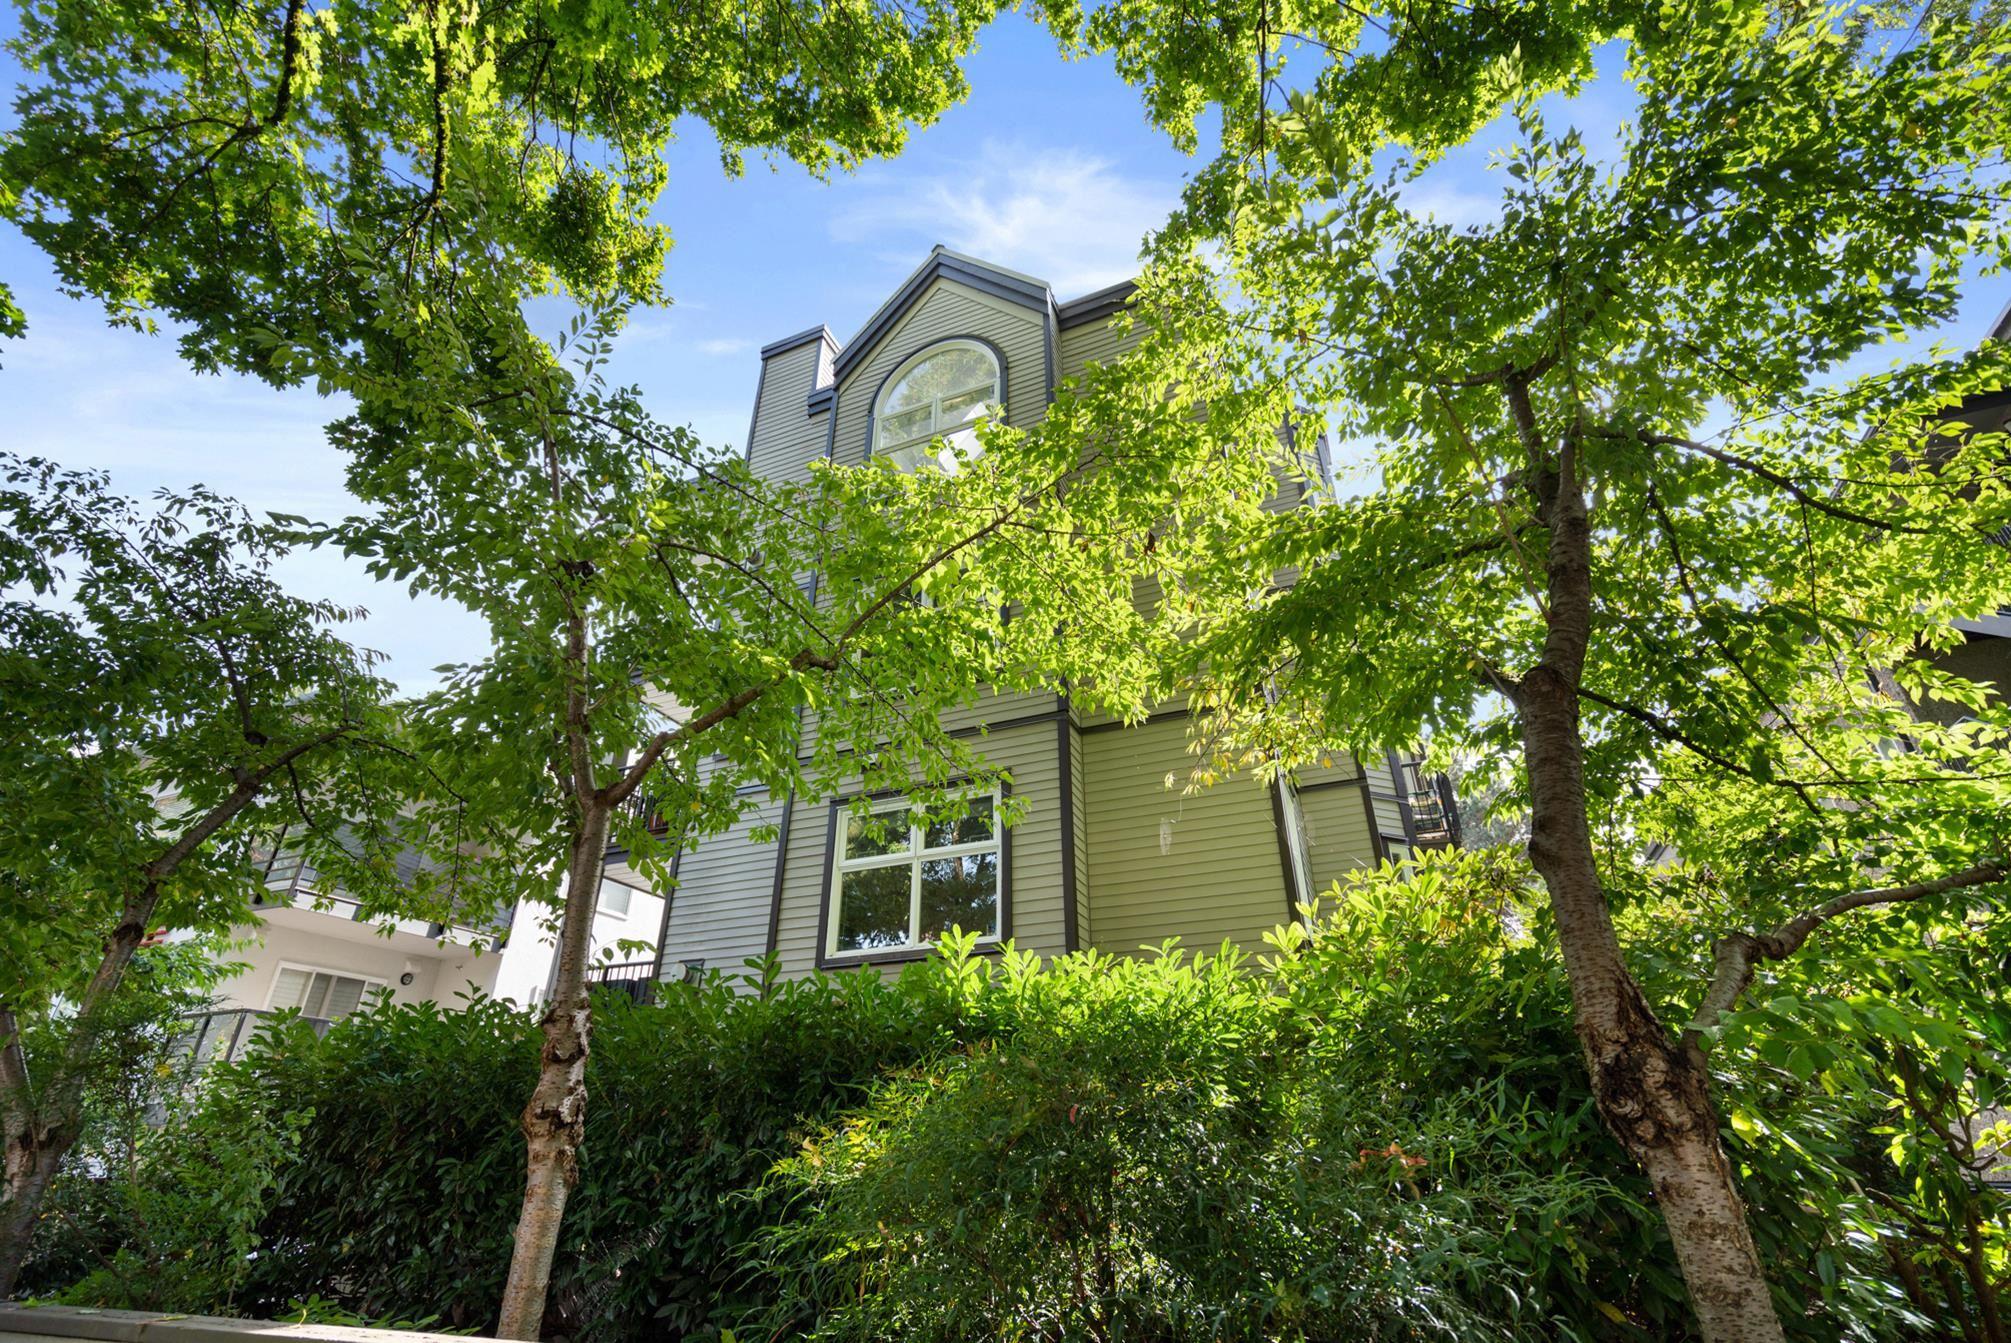 3 2282 W 7TH AVENUE - Kitsilano Apartment/Condo for sale, 2 Bedrooms (R2625384)